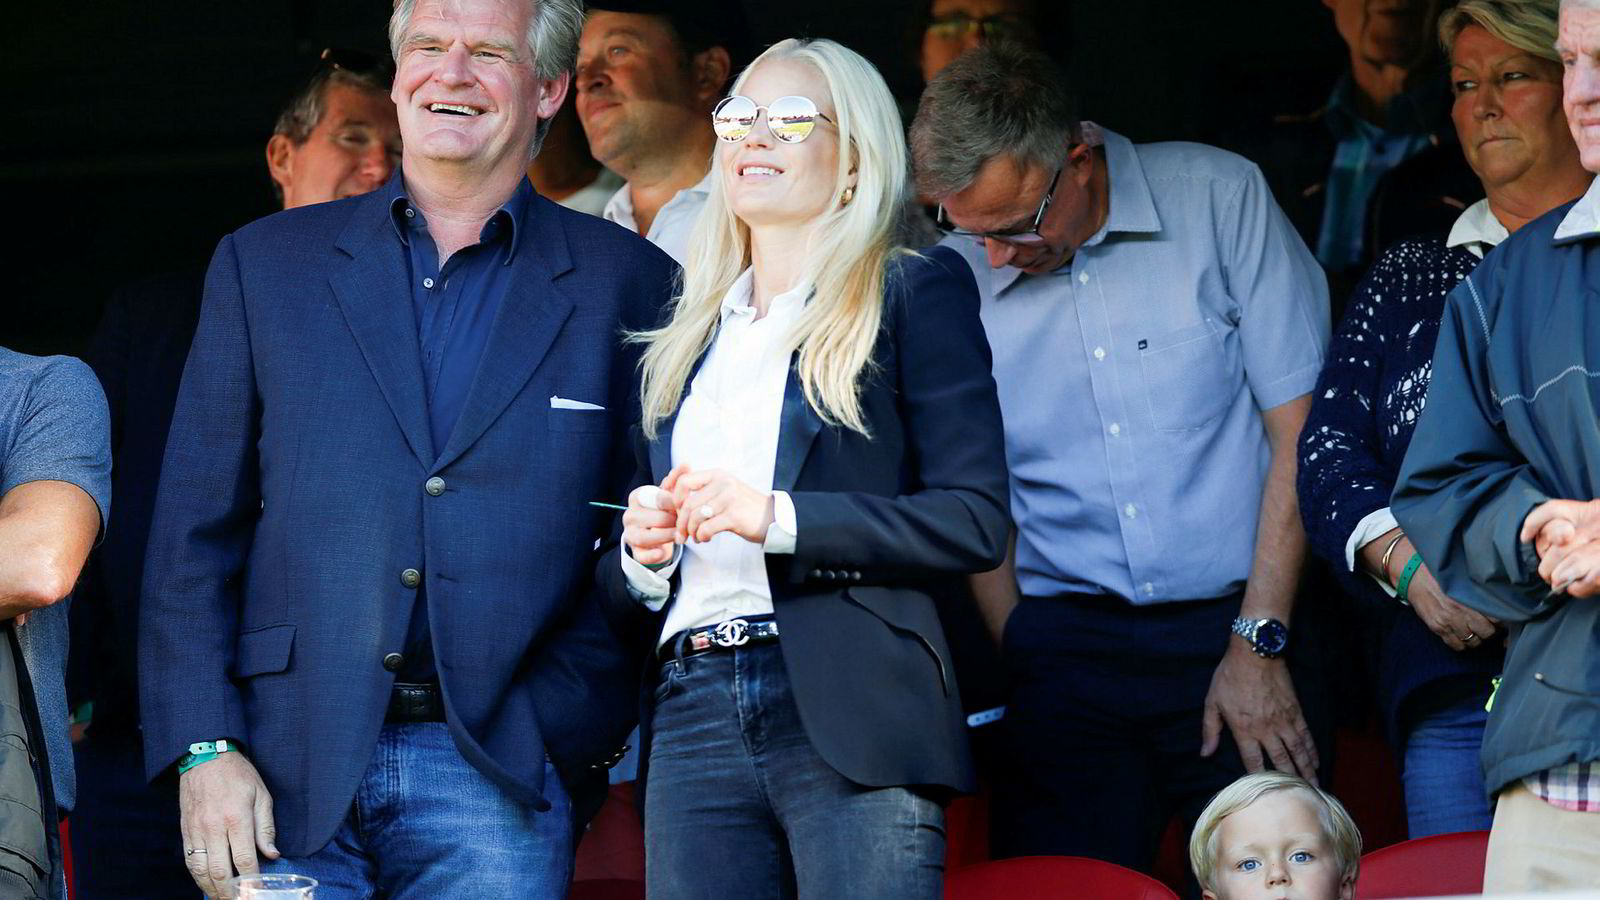 Forloveden til Celina Midelfart, Tor Olav Trøim, eier Vålerenga Fotball. Her er ekteparet avbildet på hjemmekamp mellom VIF og Brann.